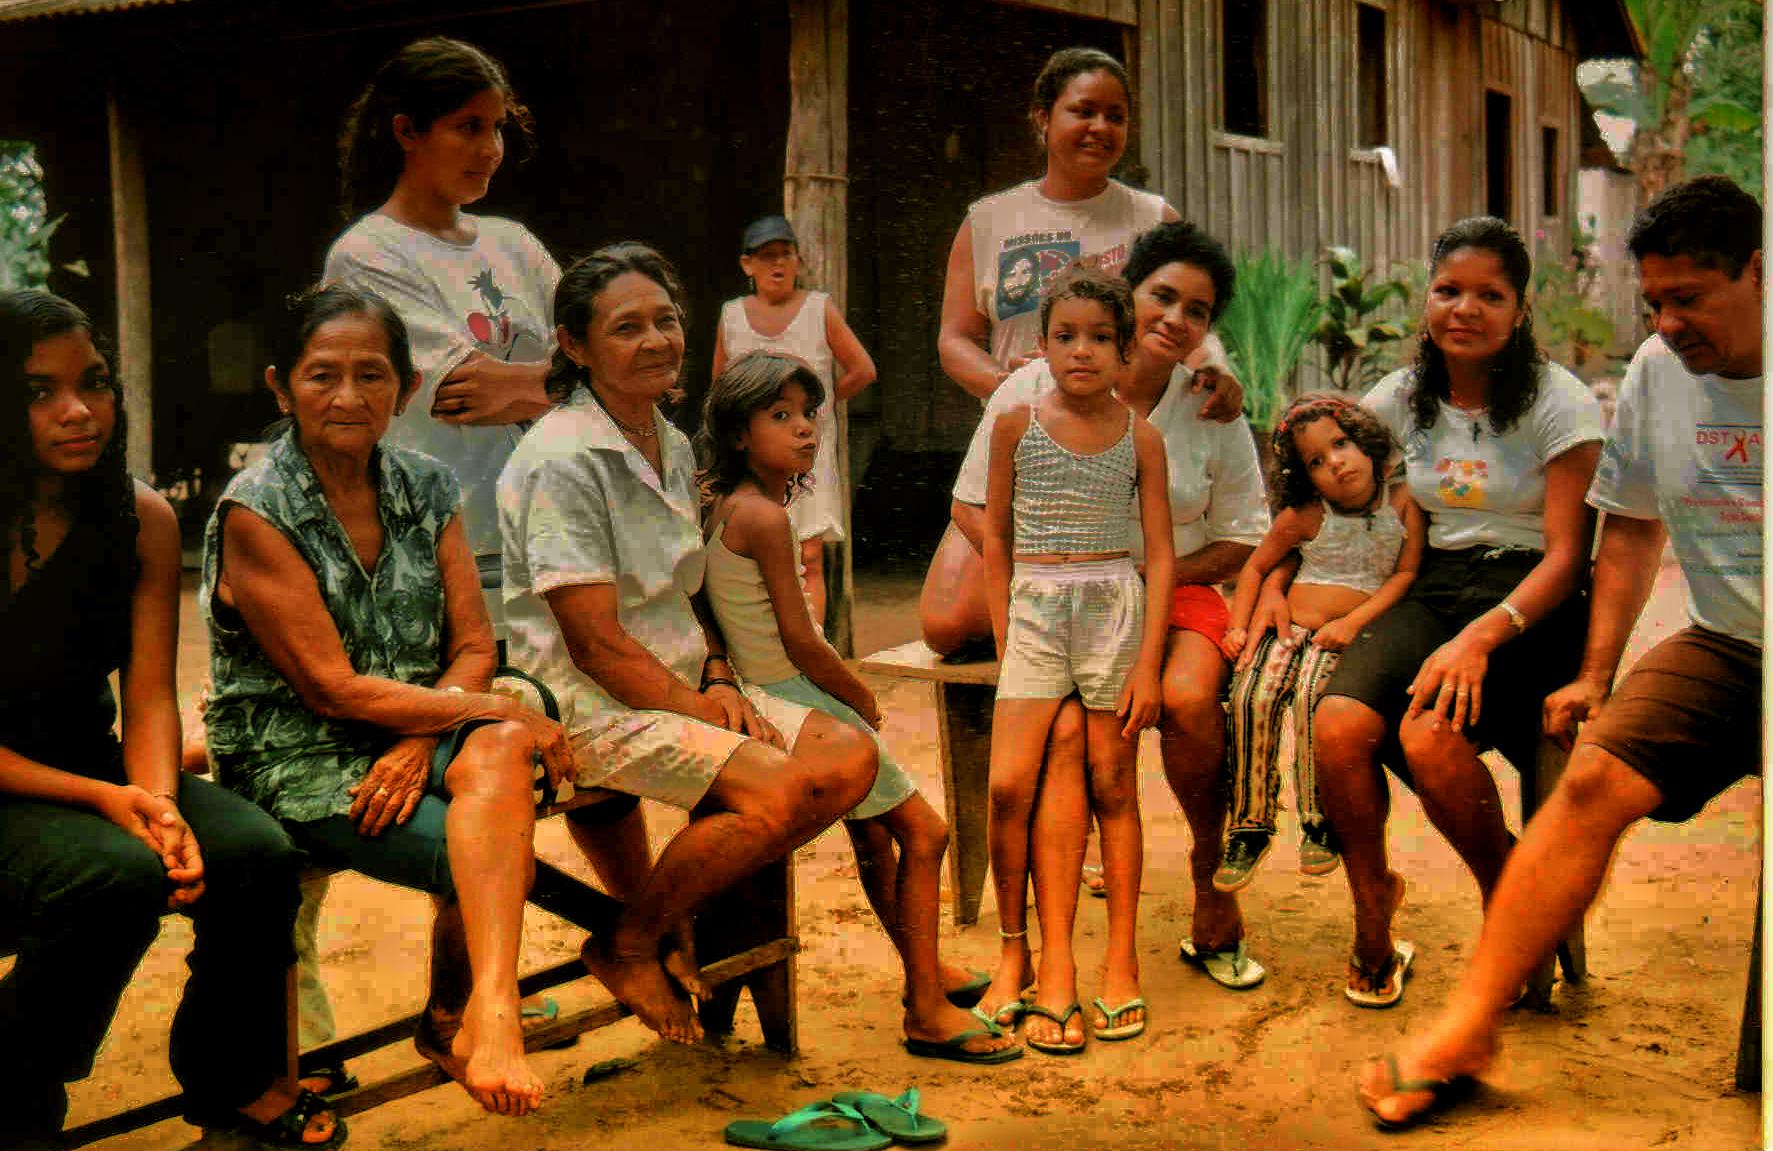 Marco temporal: Indígenas Puruborá temem perder a terra Aperoi, em Rondônia